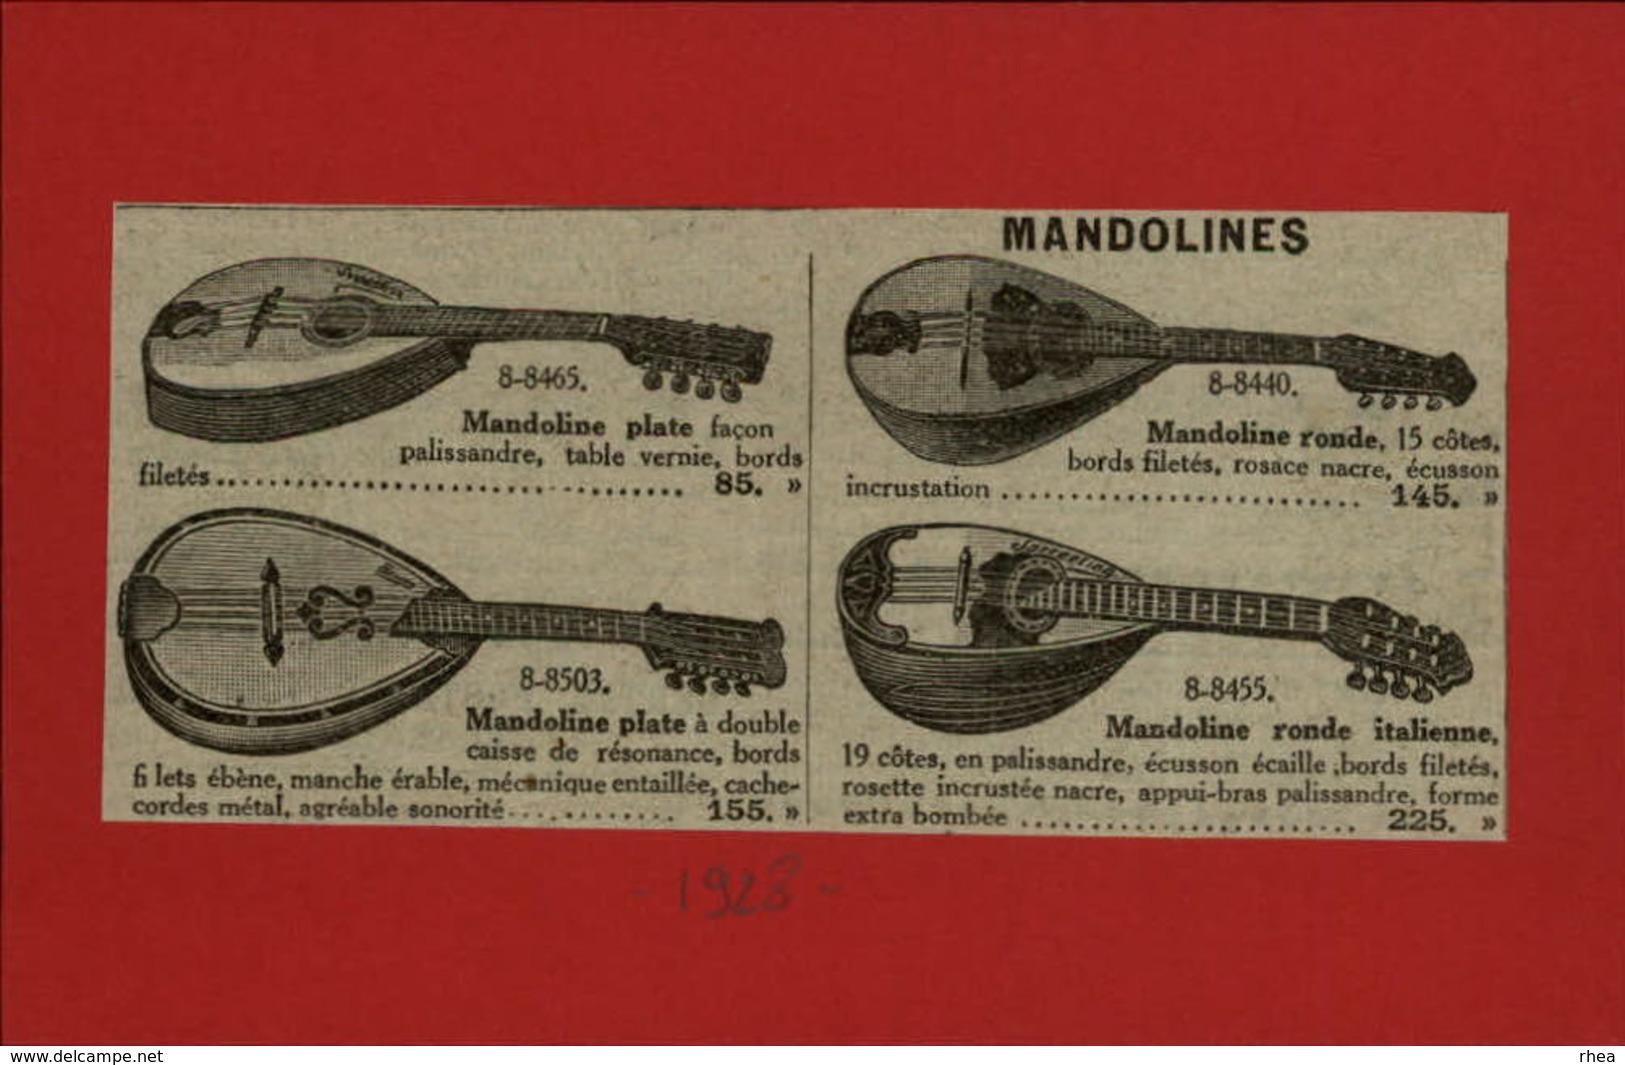 MUSIQUE - INSTRUMENTS DE MUSIQUE - Publicités Issues D'une Revue De 1928 Collées Sur Petit Carton Recto-verso Mandoline - Publicités